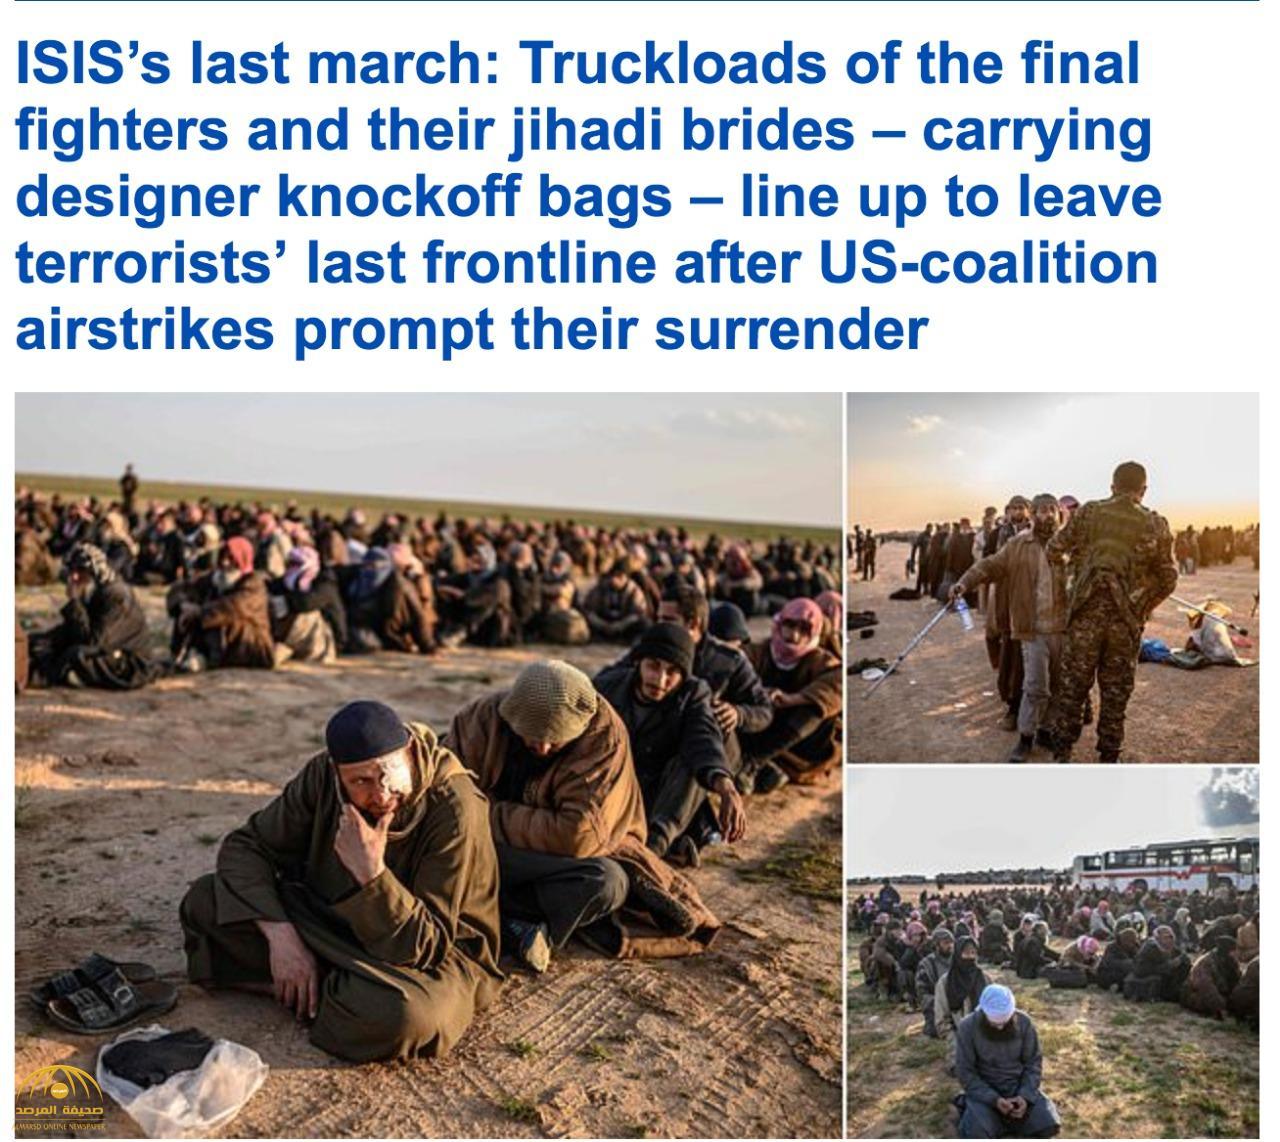 شاهد .. داعشيون وعرائسهم الجهادية يغادرون بلدة الباغوز السورية بعد استسلامهم